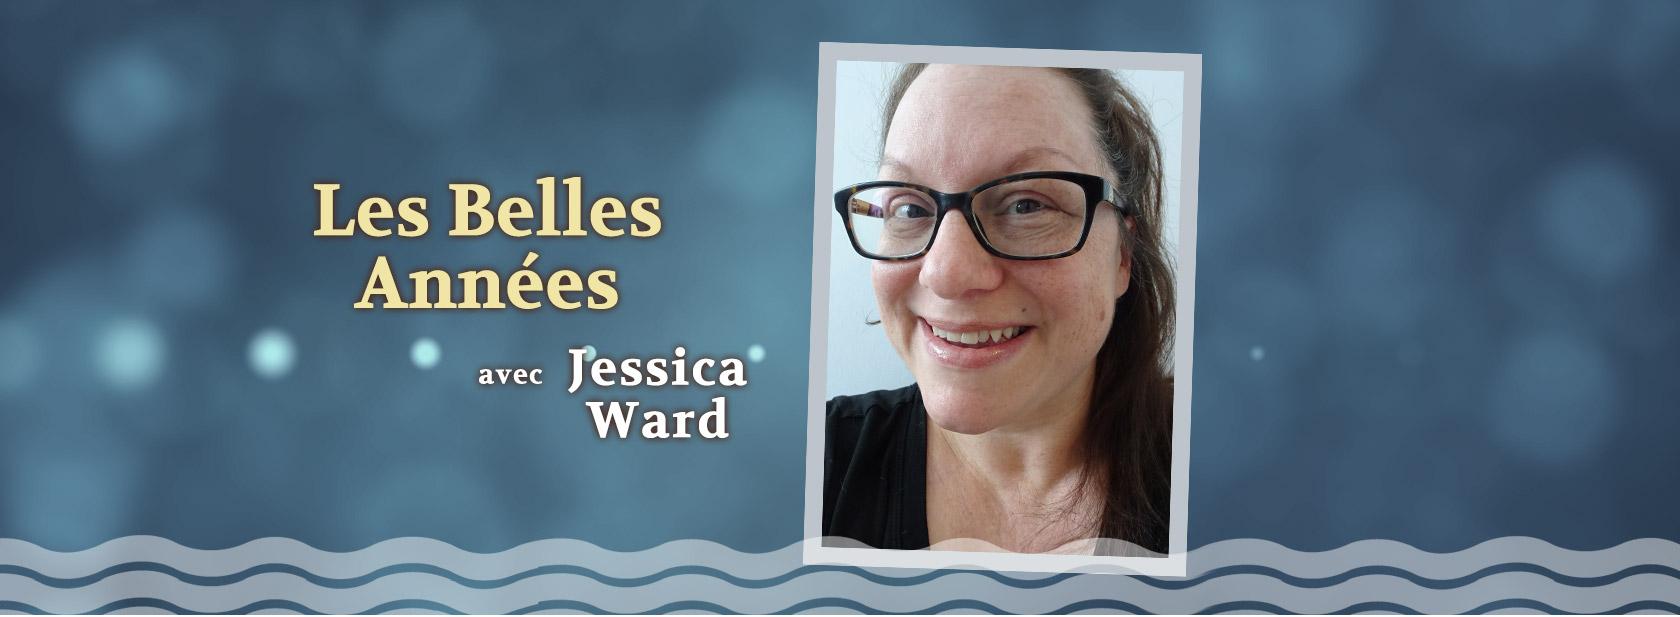 Jessica Ward à CKRO